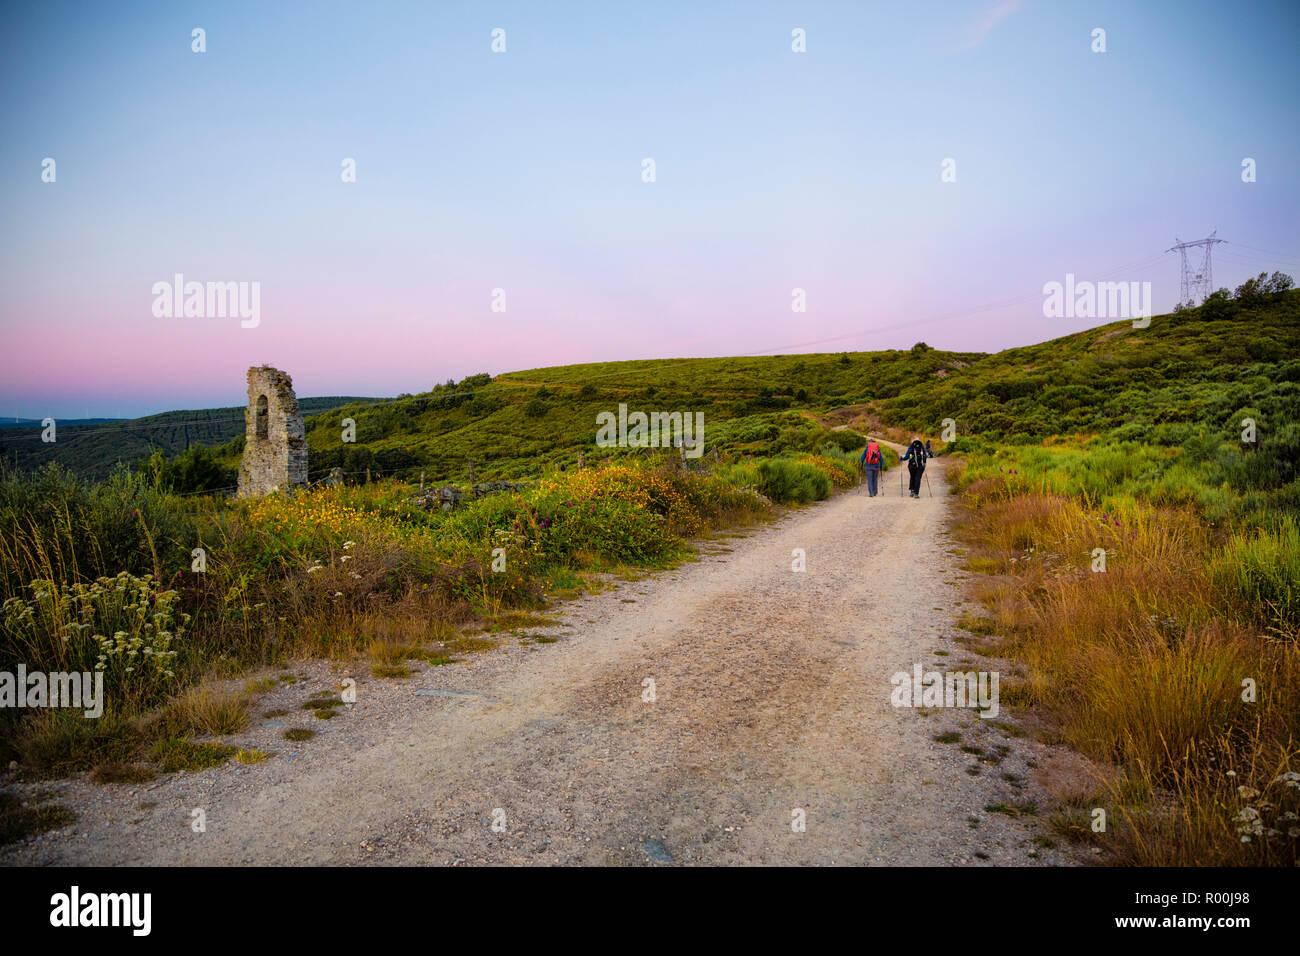 Camino de Santiago (Spain) - Along the way of St.James Stock Photo